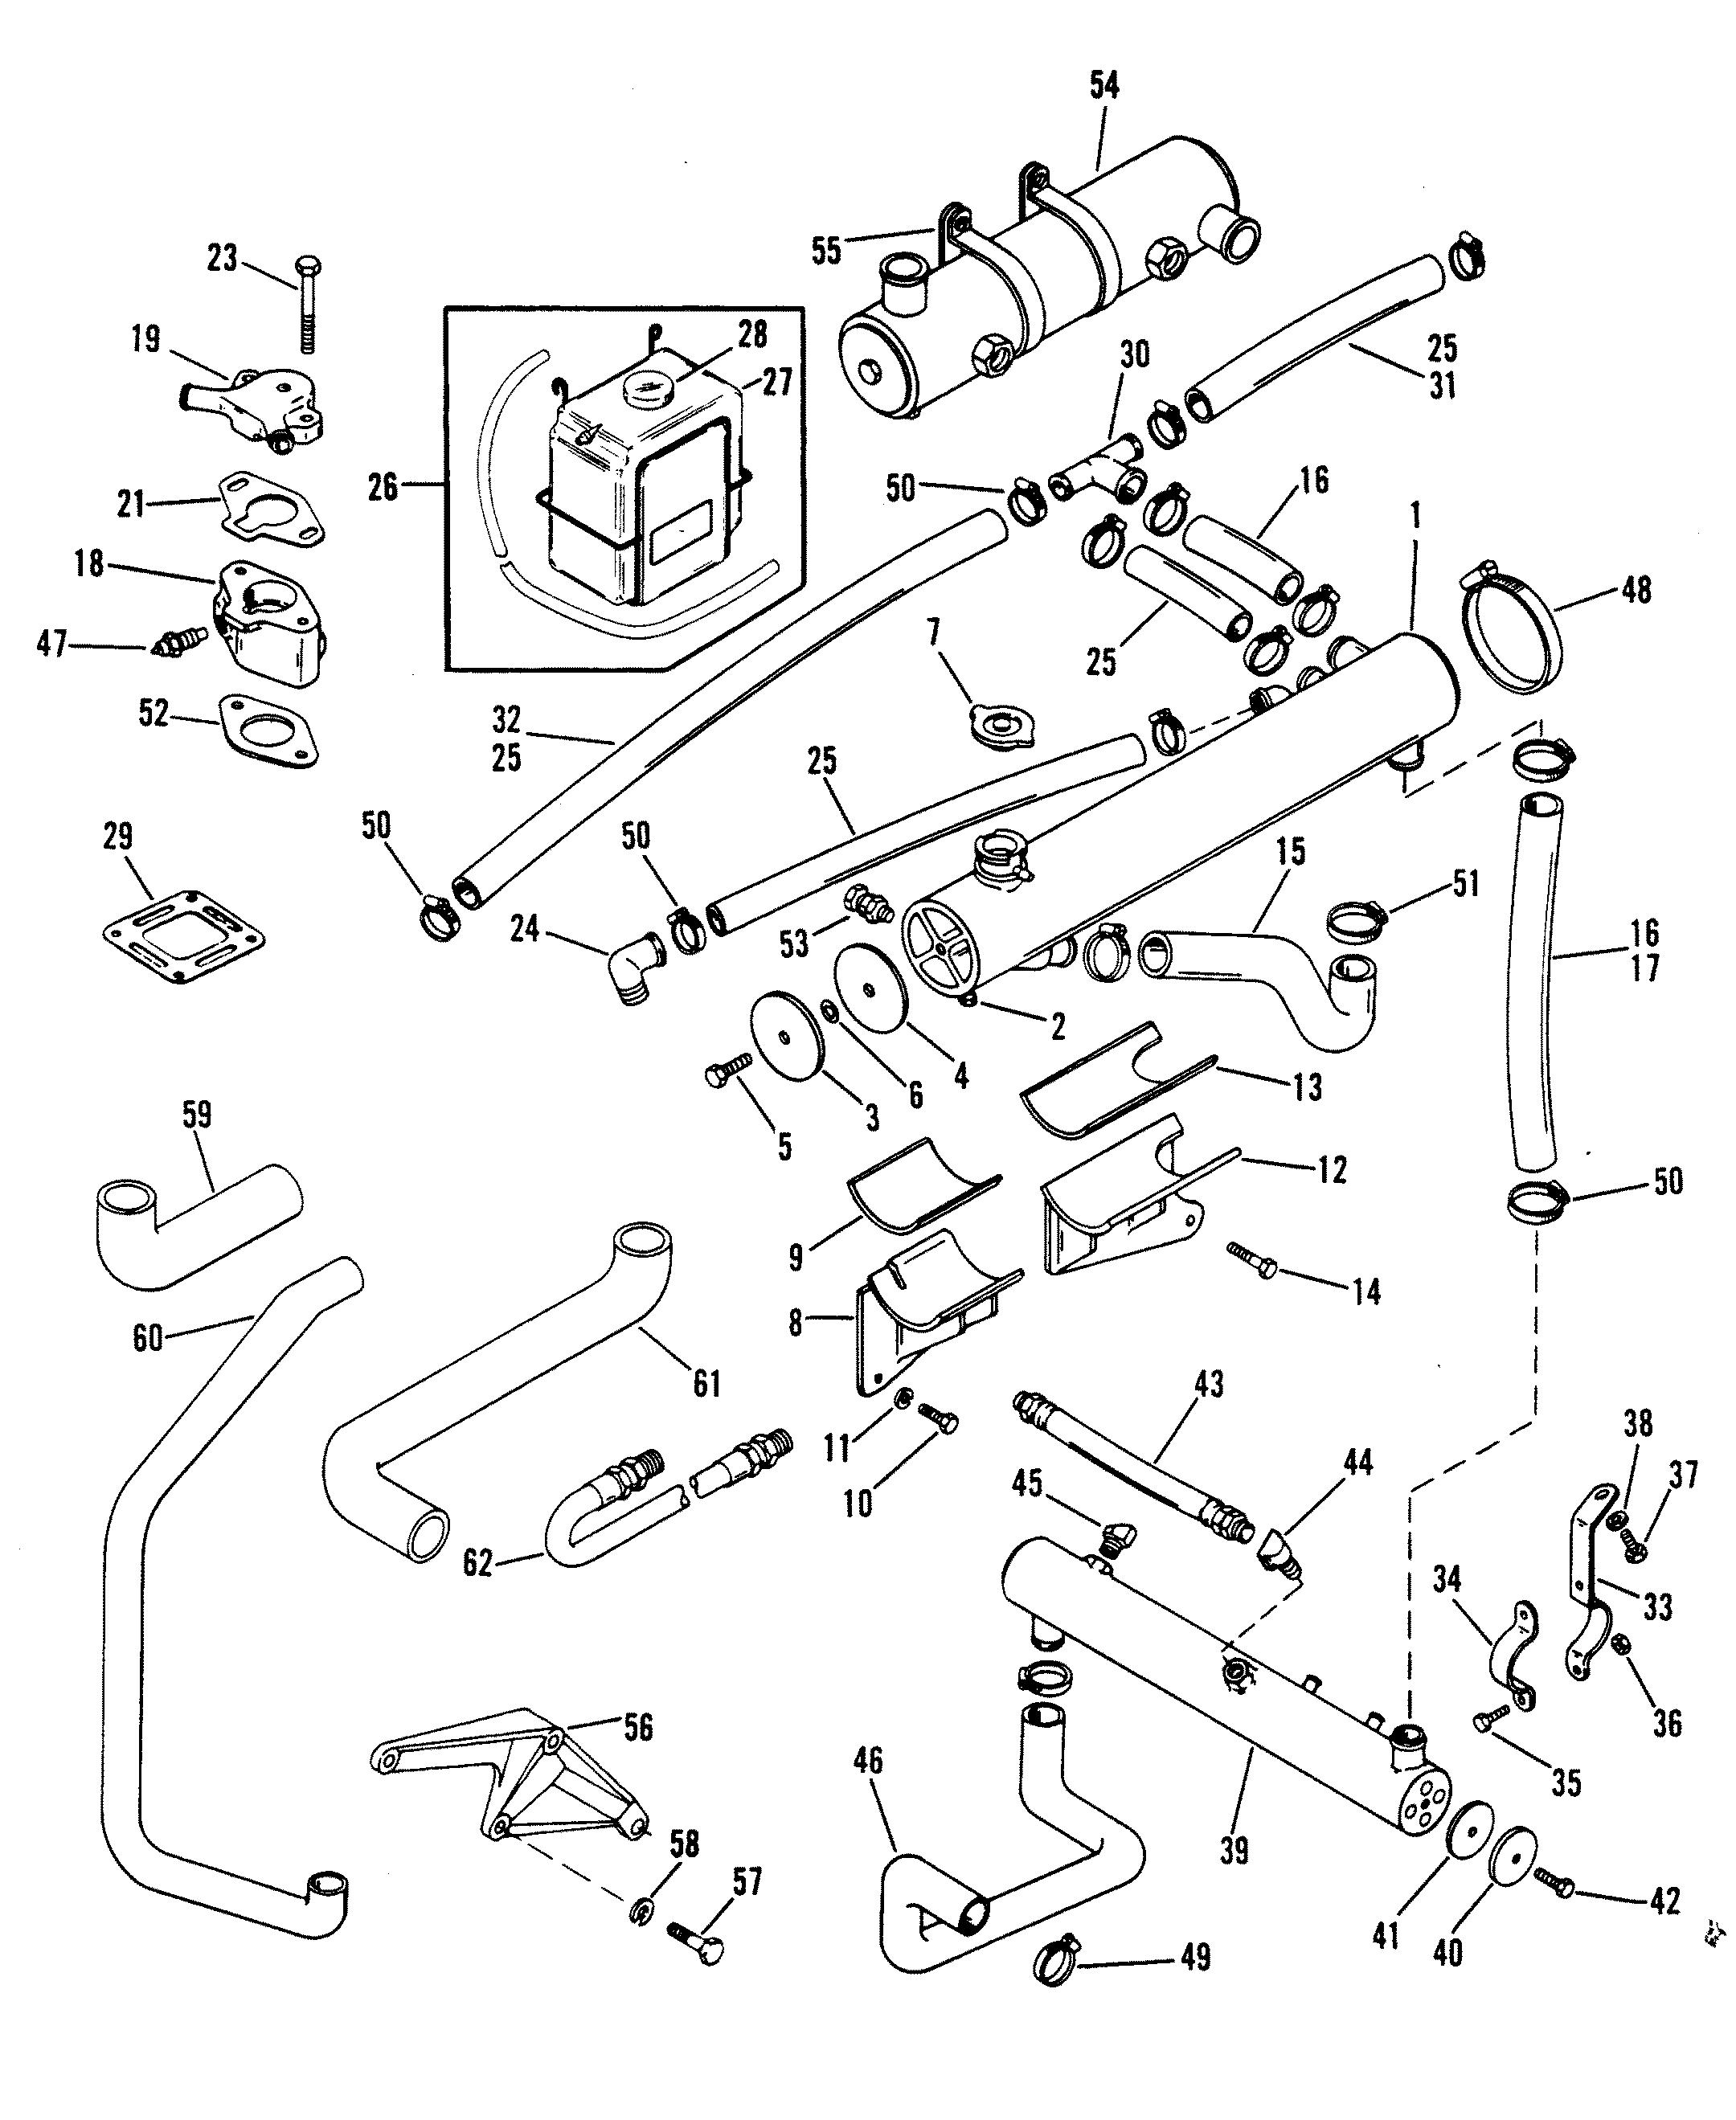 u041a u0430 u0442 u0430 u043b u043e u0433  u0437 u0430 u043f u0447 u0430 u0441 u0442 u0435 u0439 accessories power steering  tiller handles   shift kits mercruiser vol  1  1986